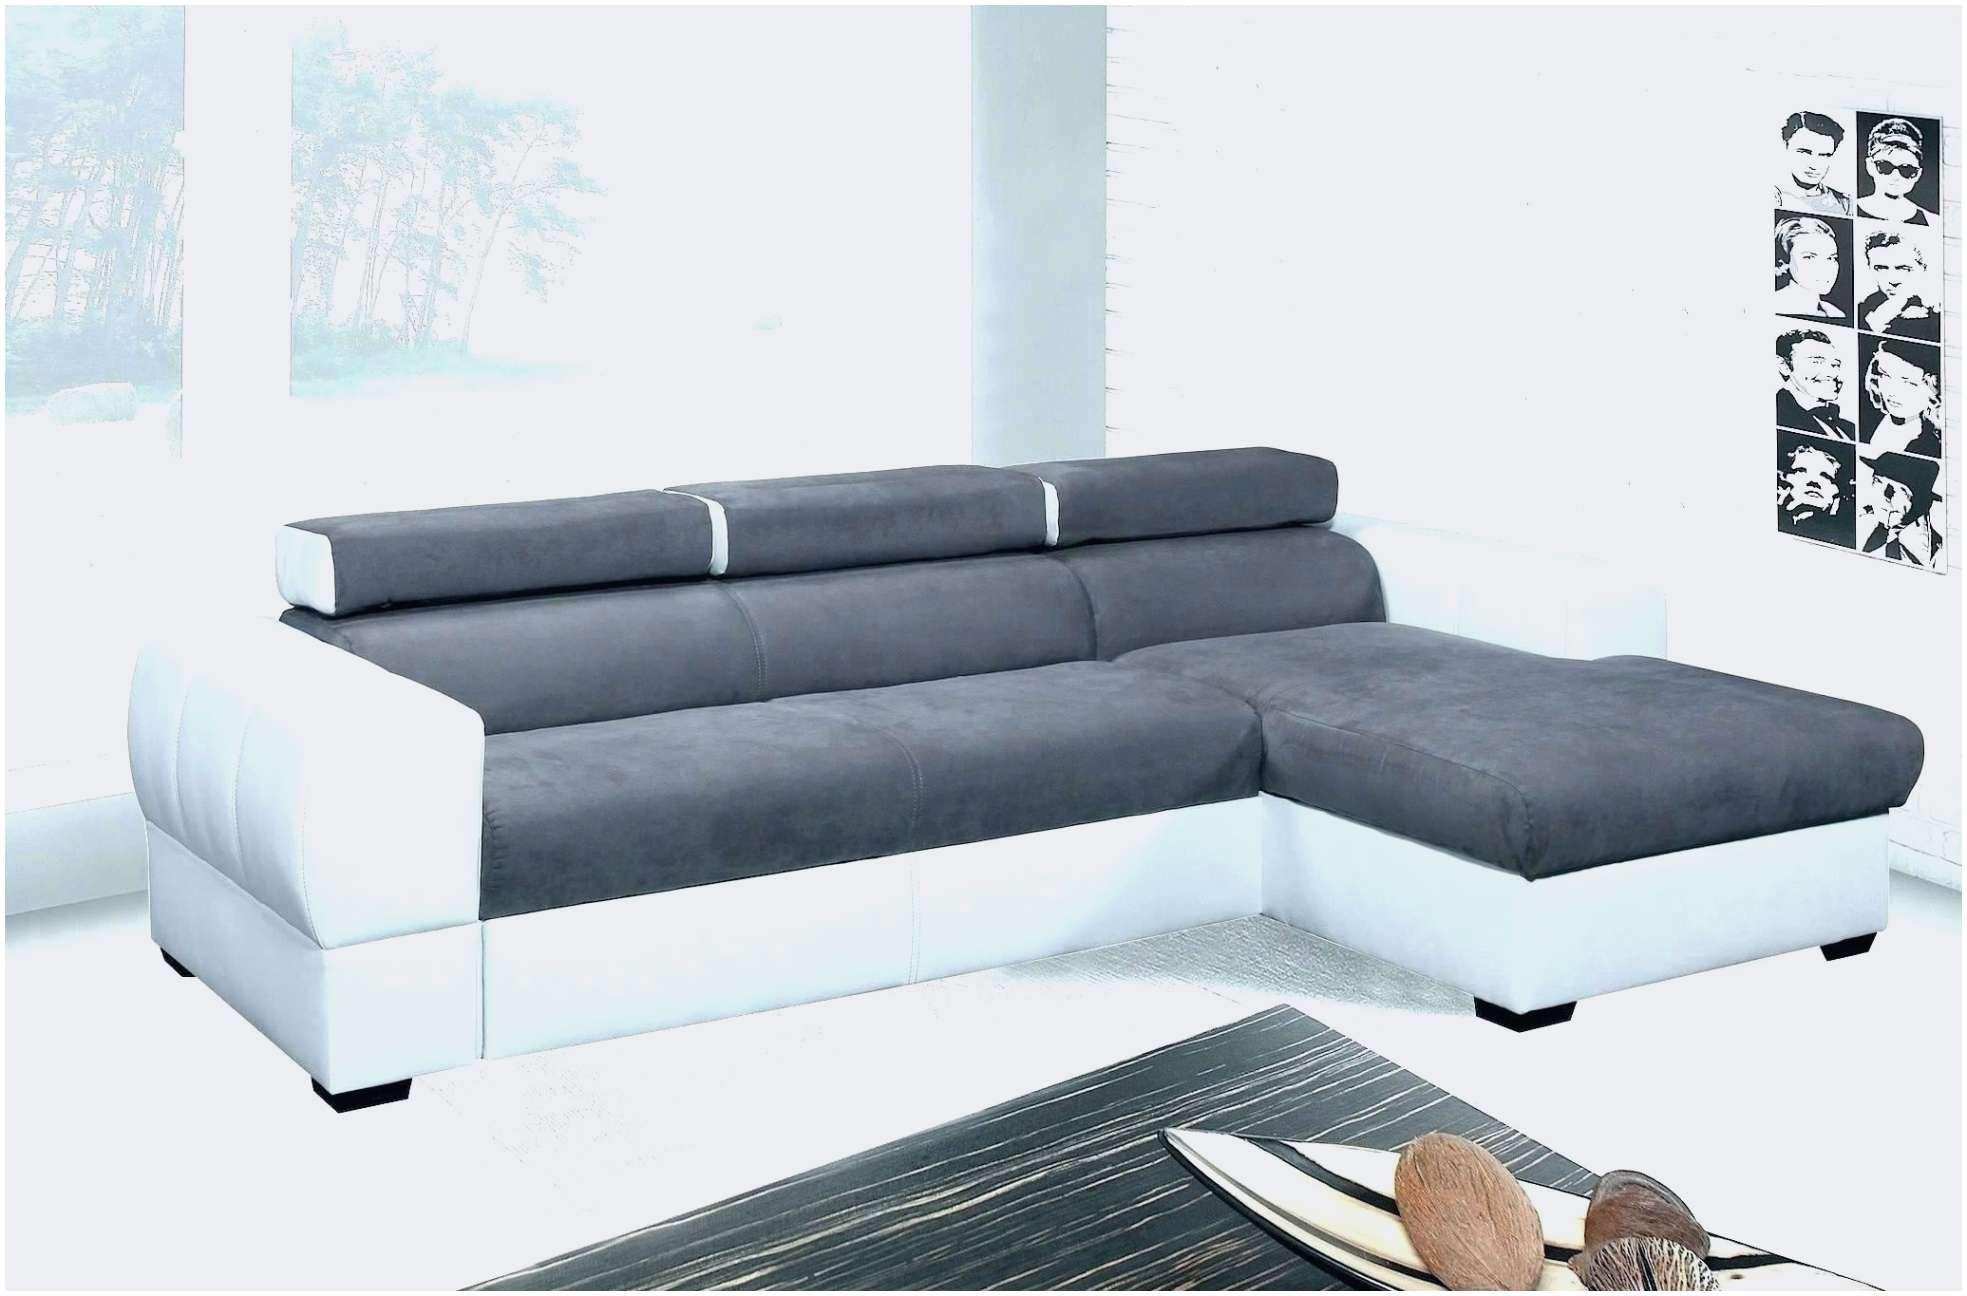 Ikea Canapé Lit Convertible Inspiré Le Meilleur De Canapé Lit Pas Cher Conforama Beau Image Canap